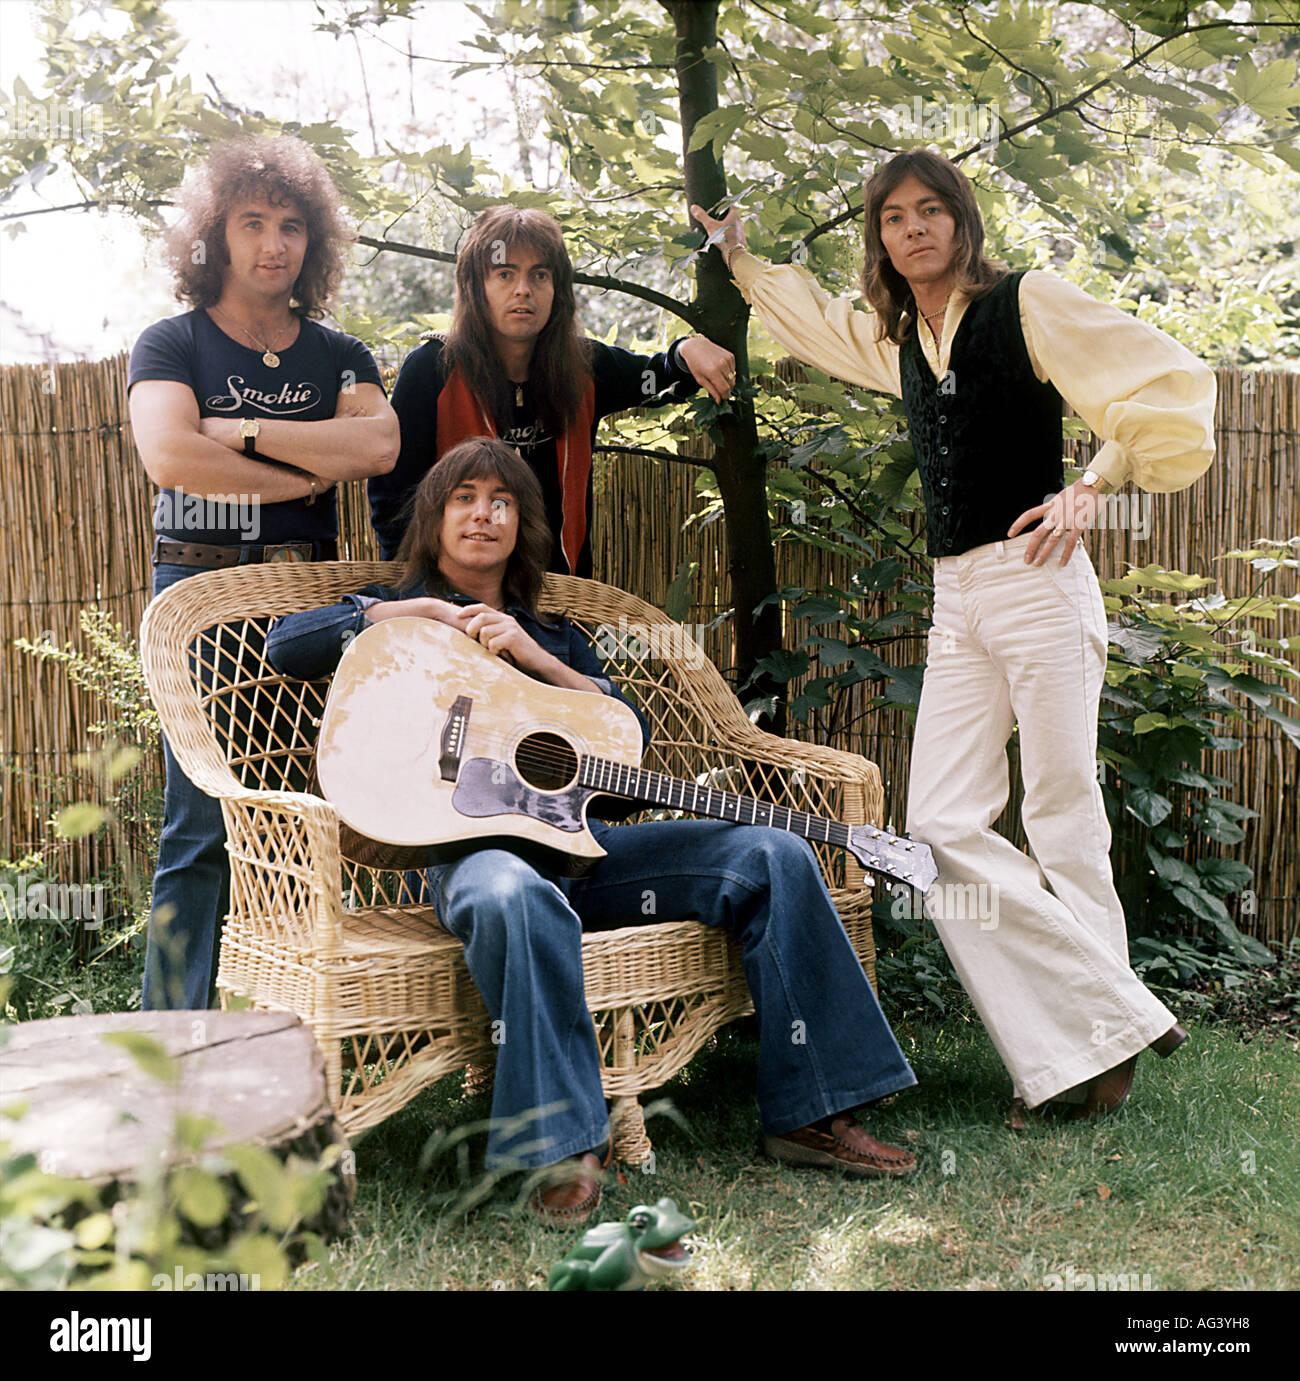 SMOKIE UK Pop Group About 1976 Stock Photo: 8049495